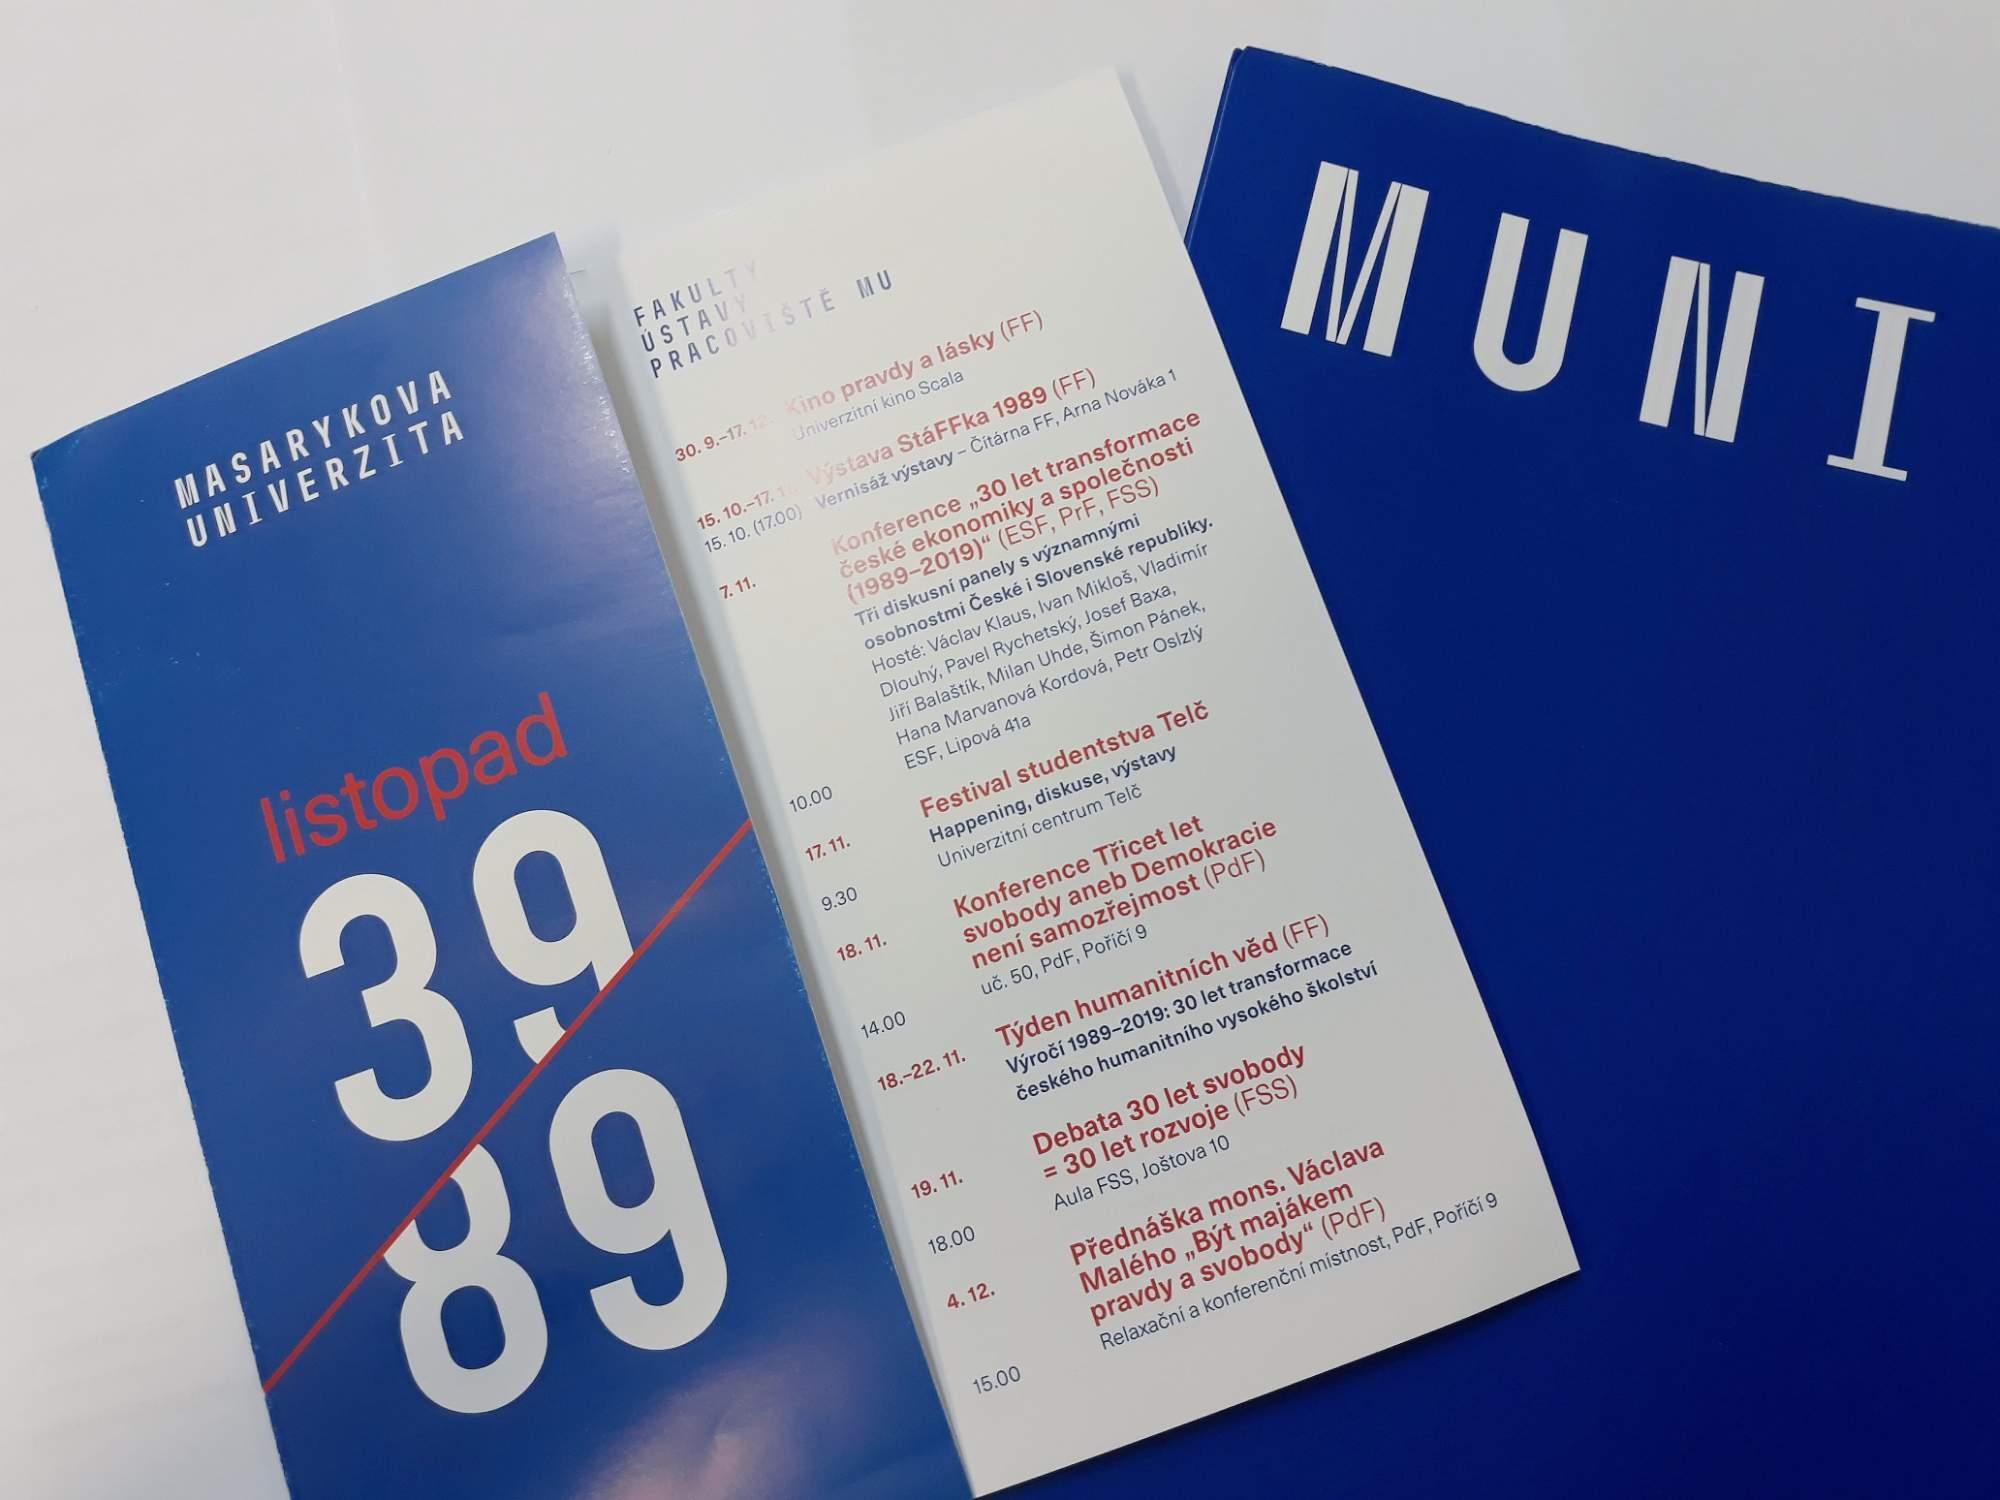 Masarykova univerzita si připomene výročí 17. listopadu. Foto: Miroslava Putzlacherová